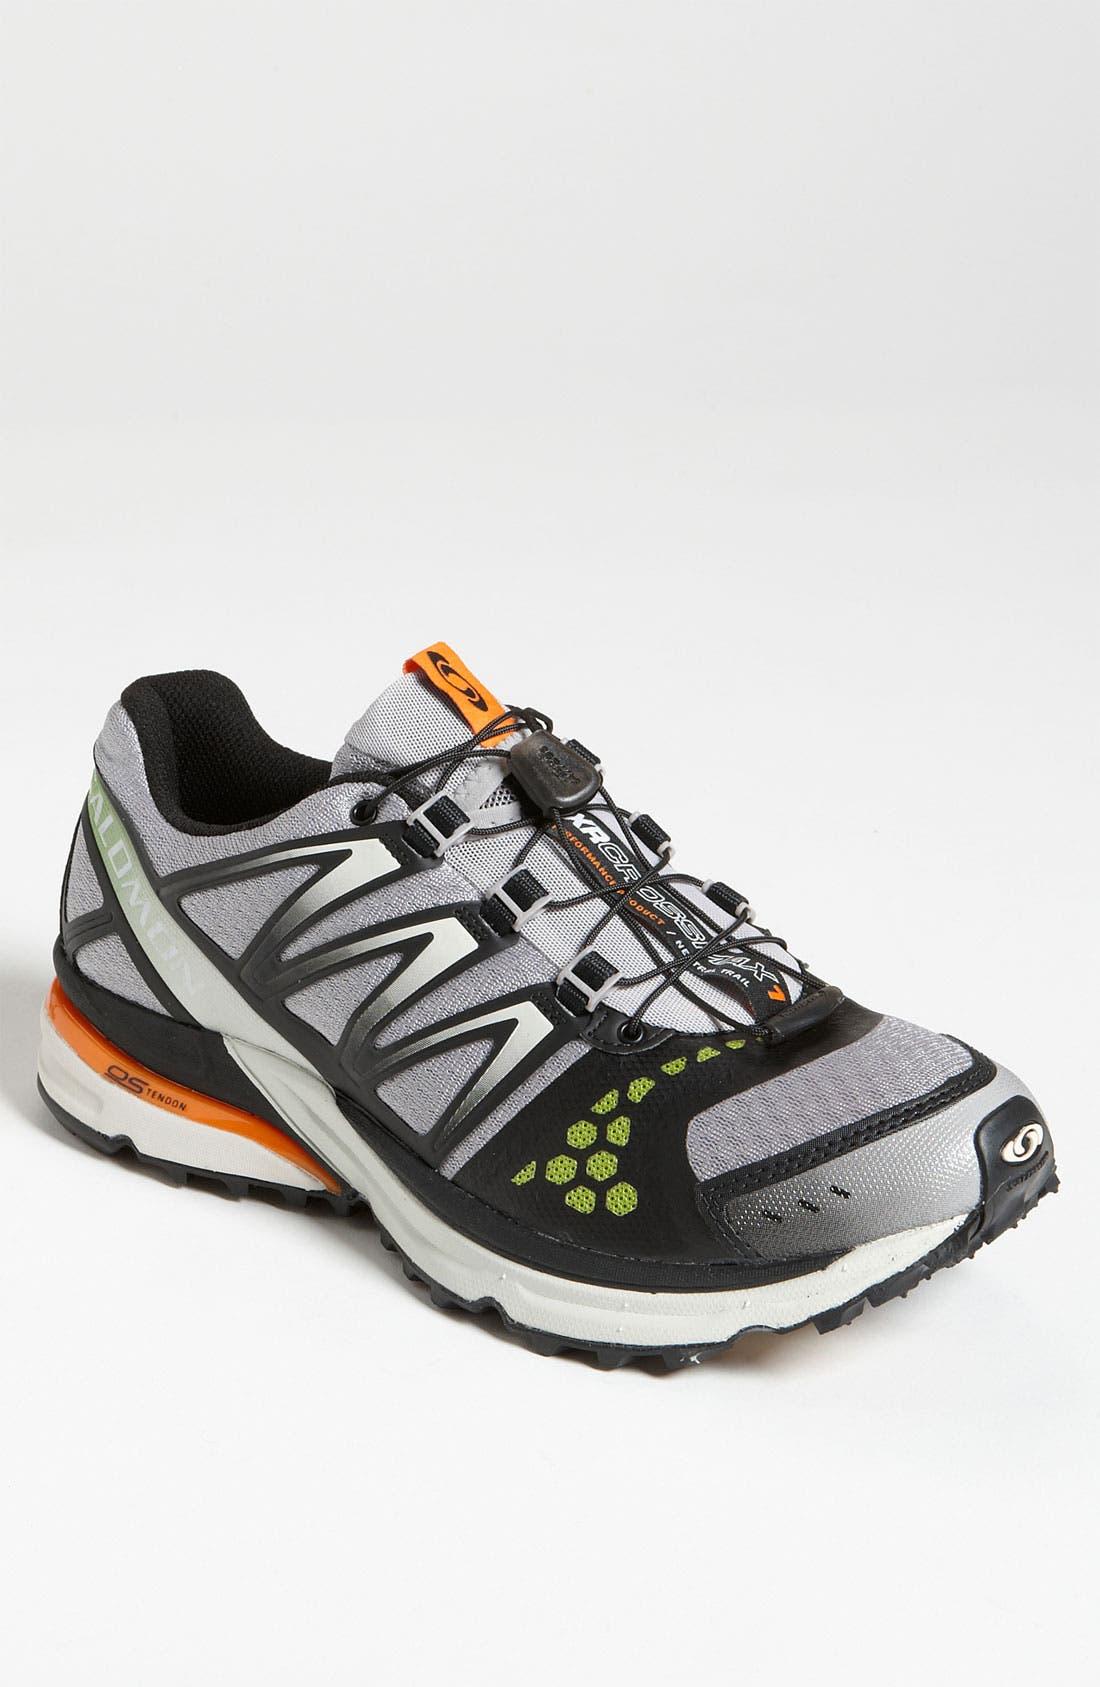 Alternate Image 1 Selected - Salomon 'Crossmax Neutral' Trail Running Shoe (Men) (Online Only)